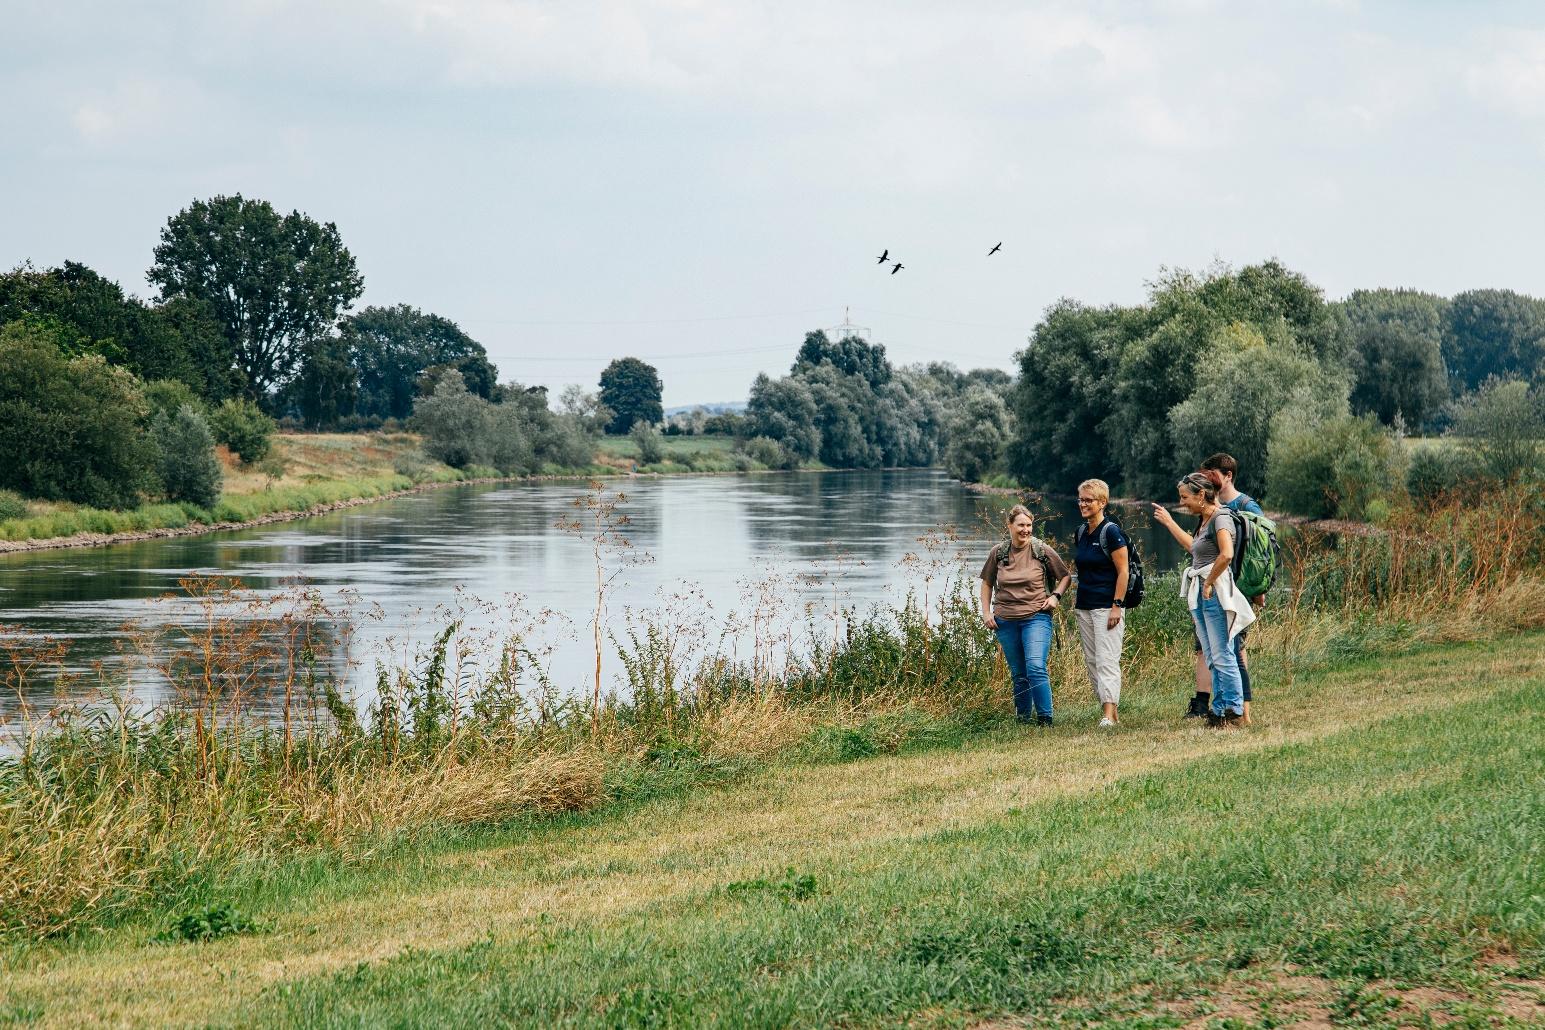 Entlpang der Weser